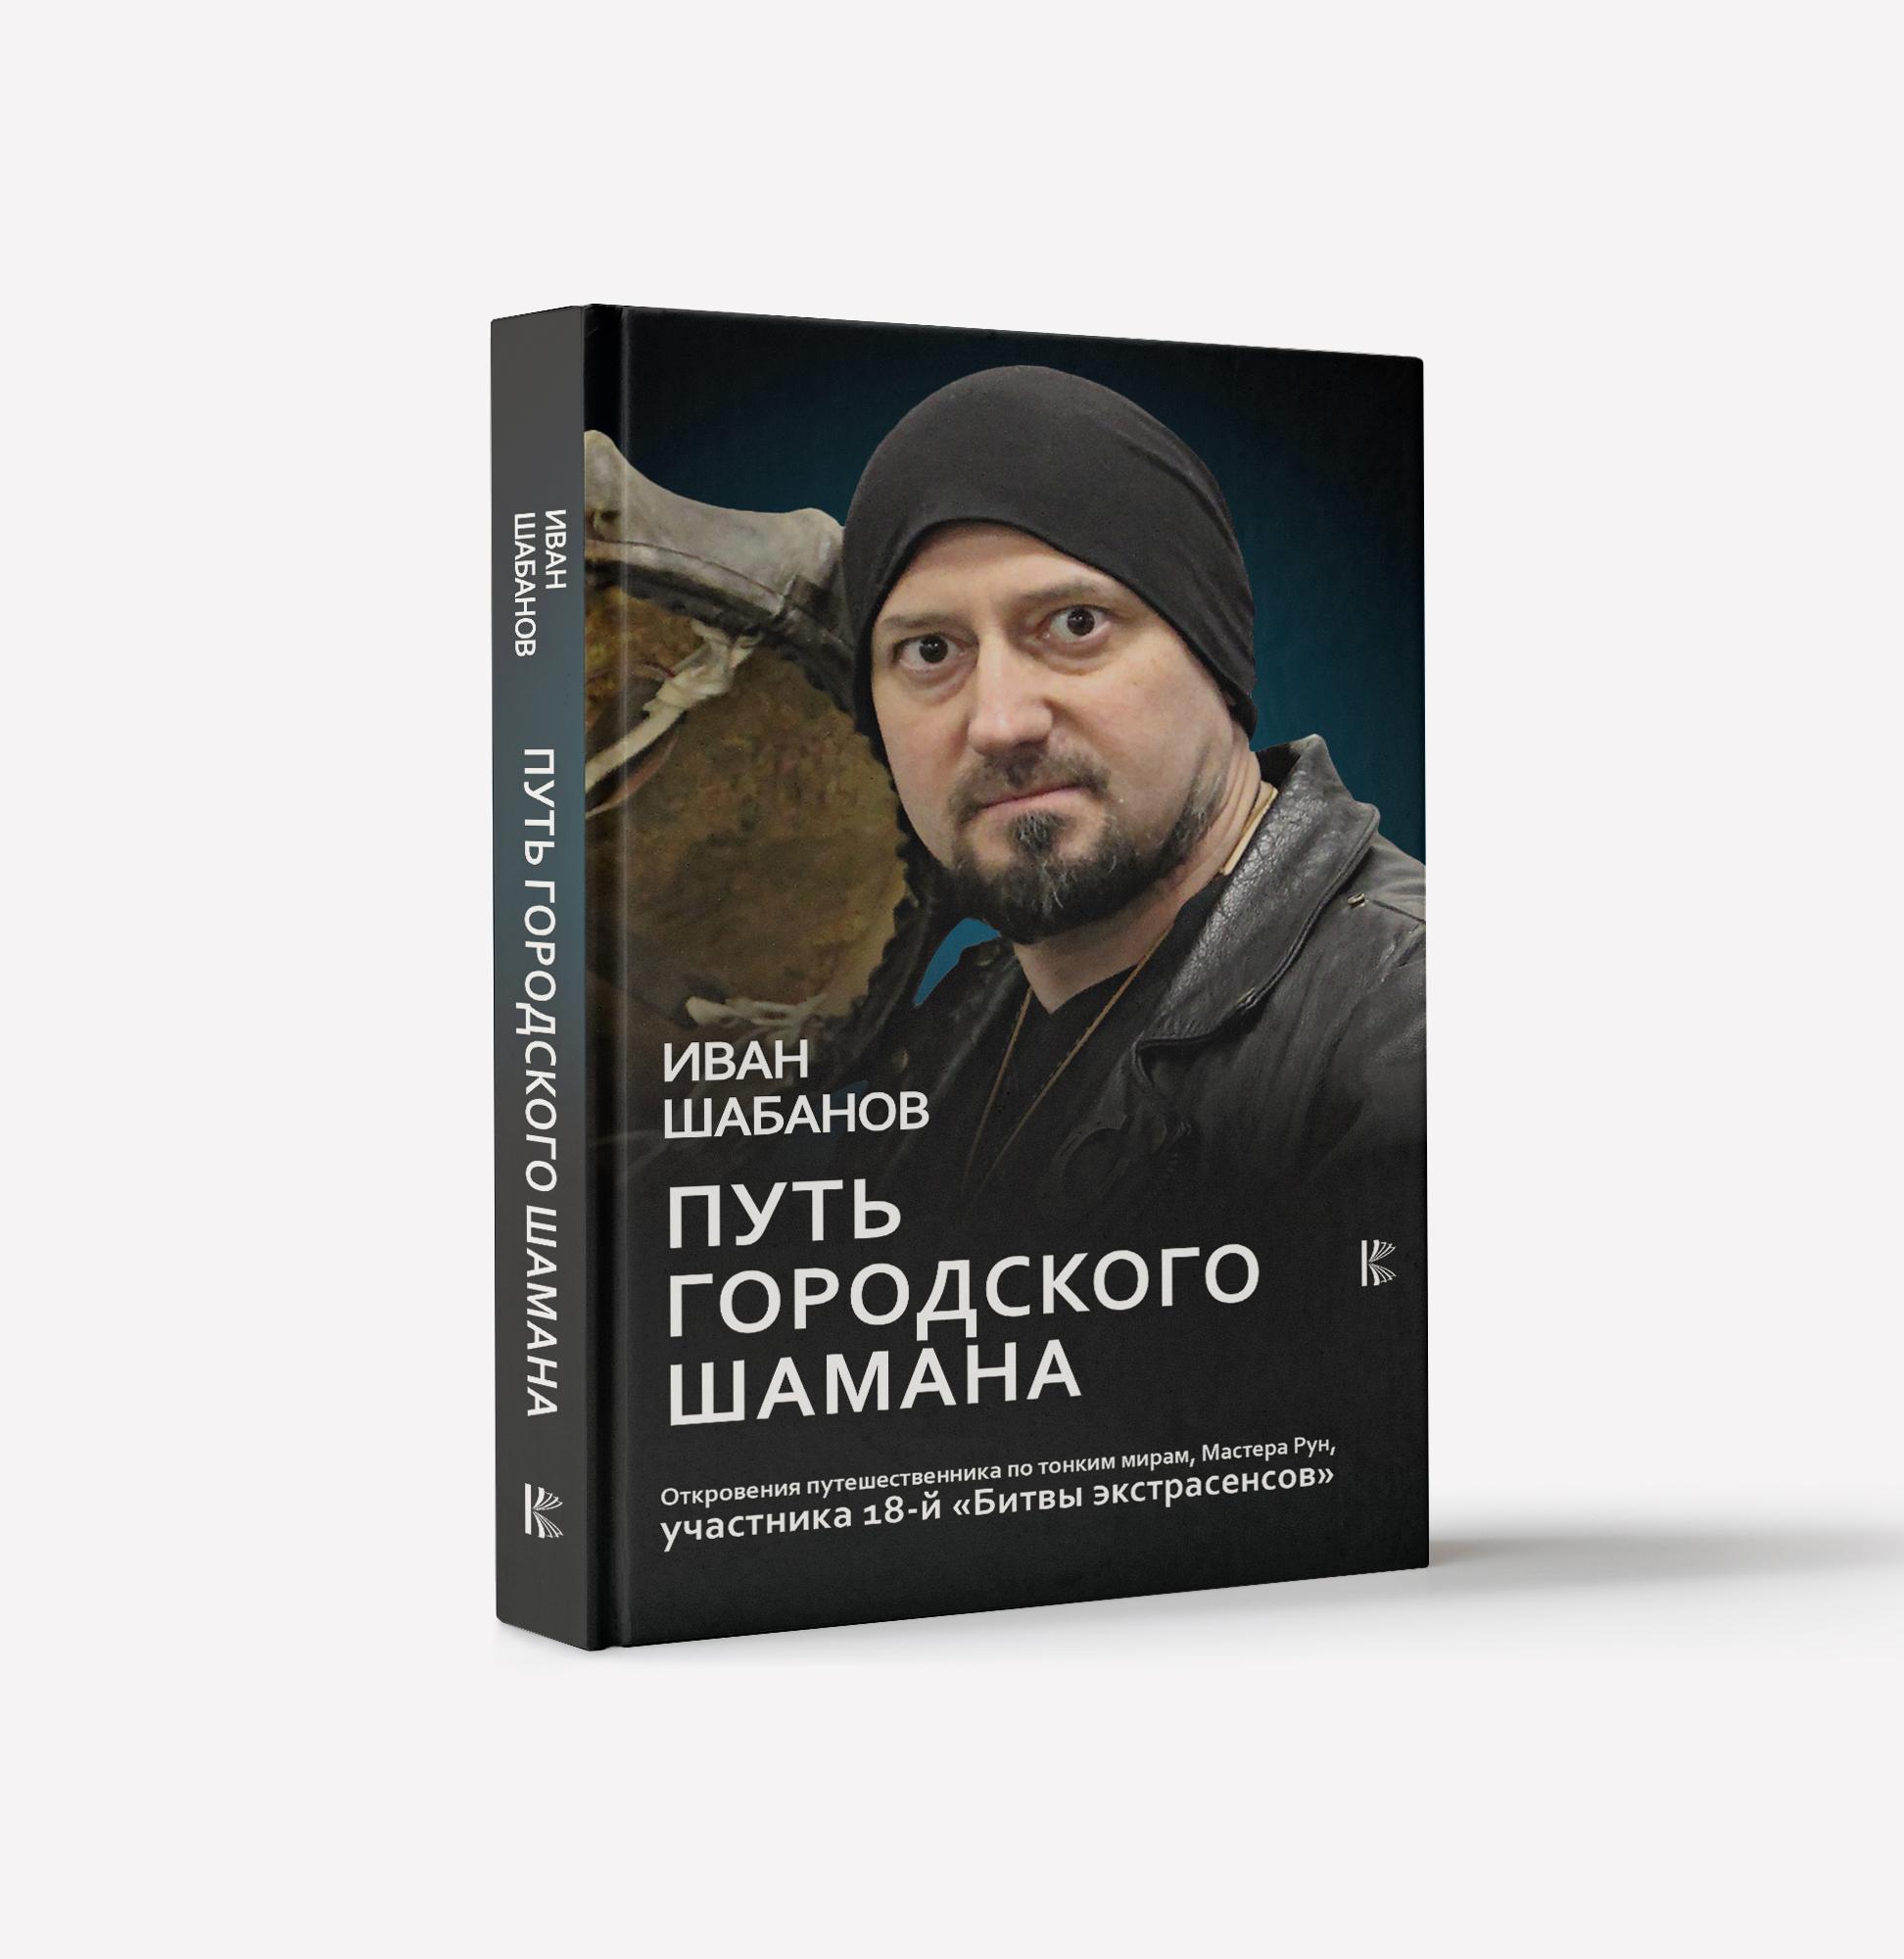 Путь городского шамана. Иван Шабанов